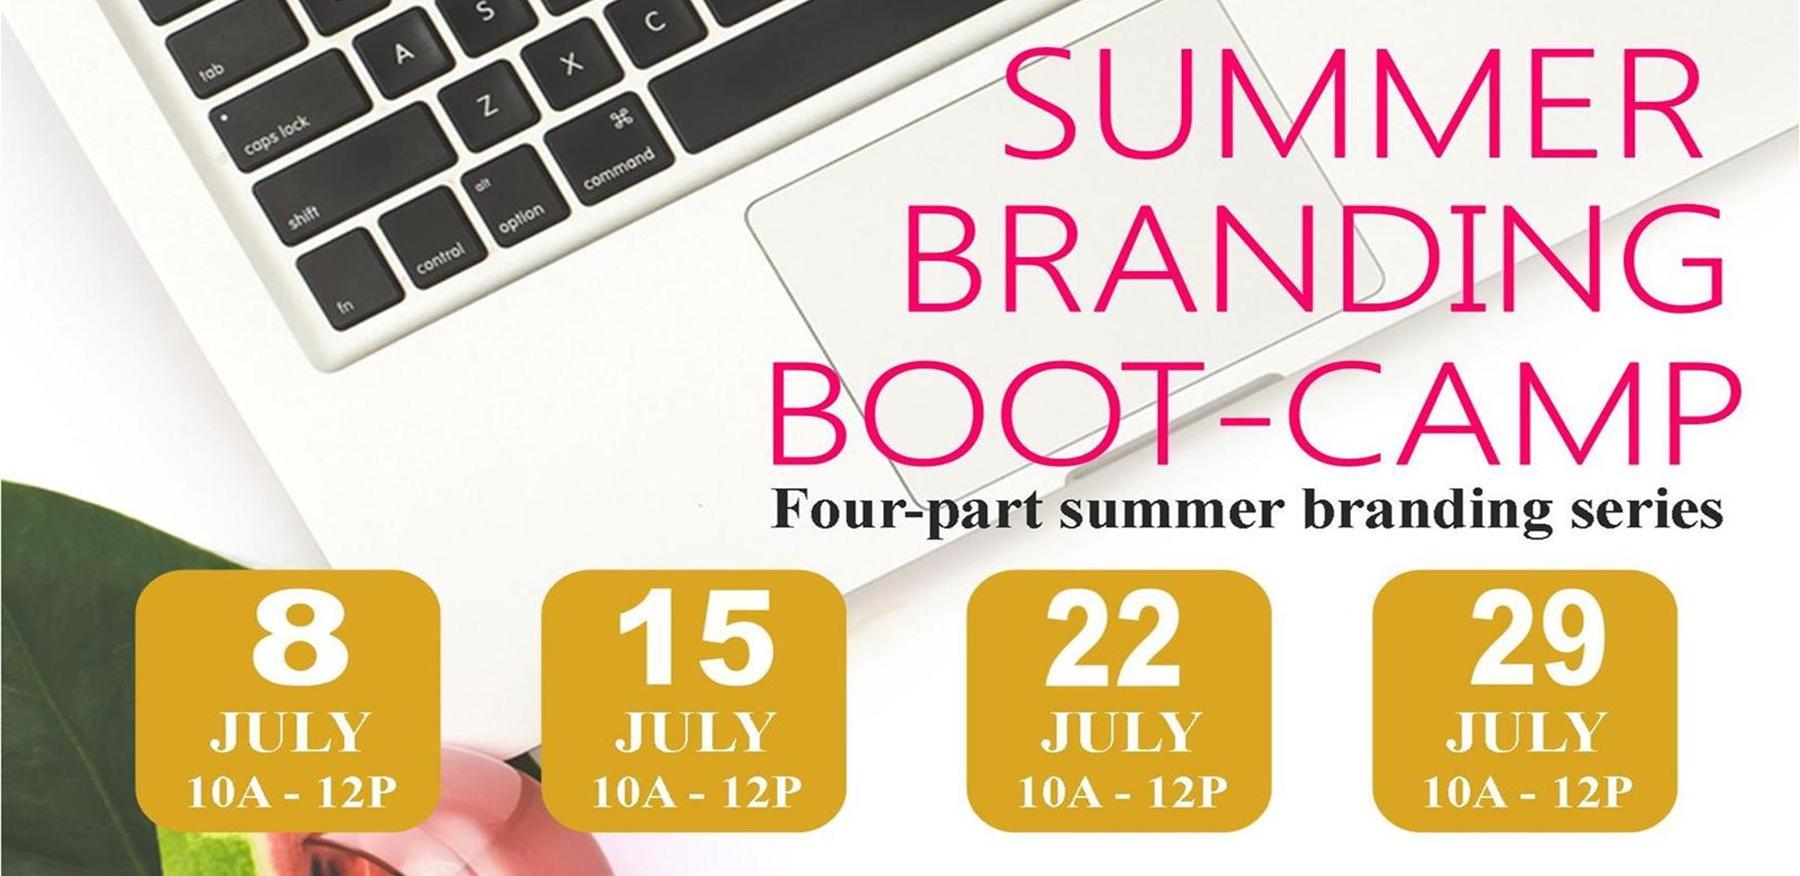 Summer Branding Boot-Camp